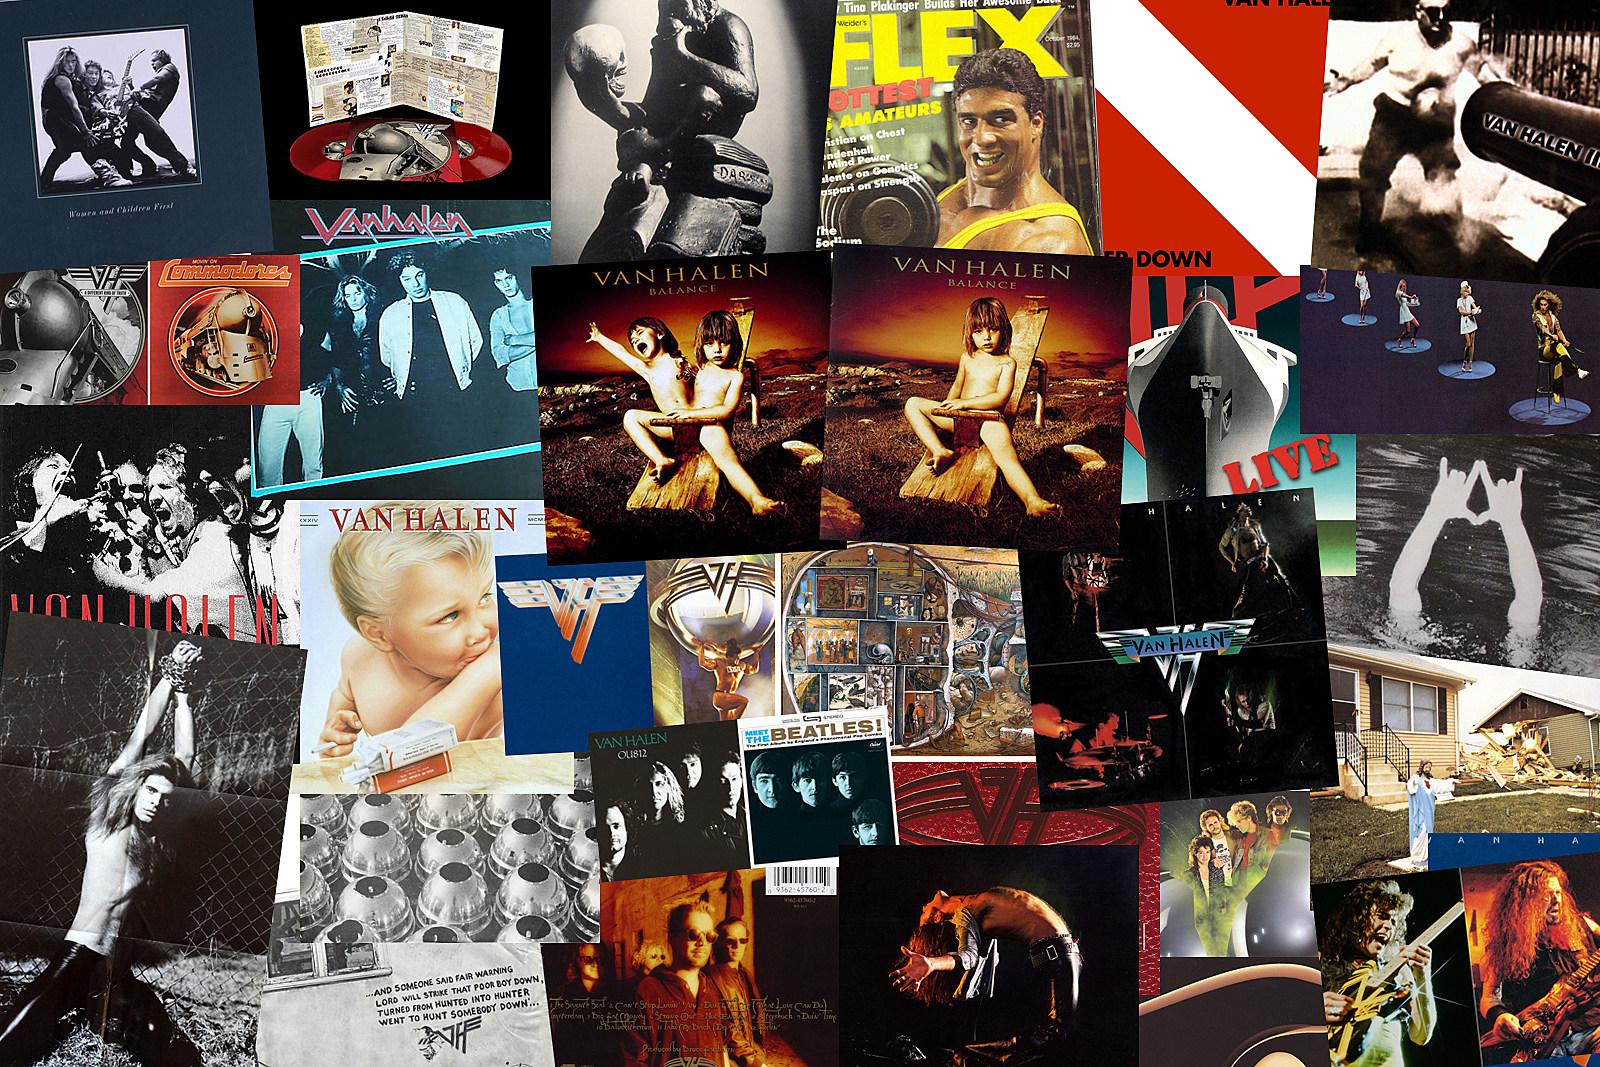 Van Halen Album Art: The Stories Behind 14 Different Covers